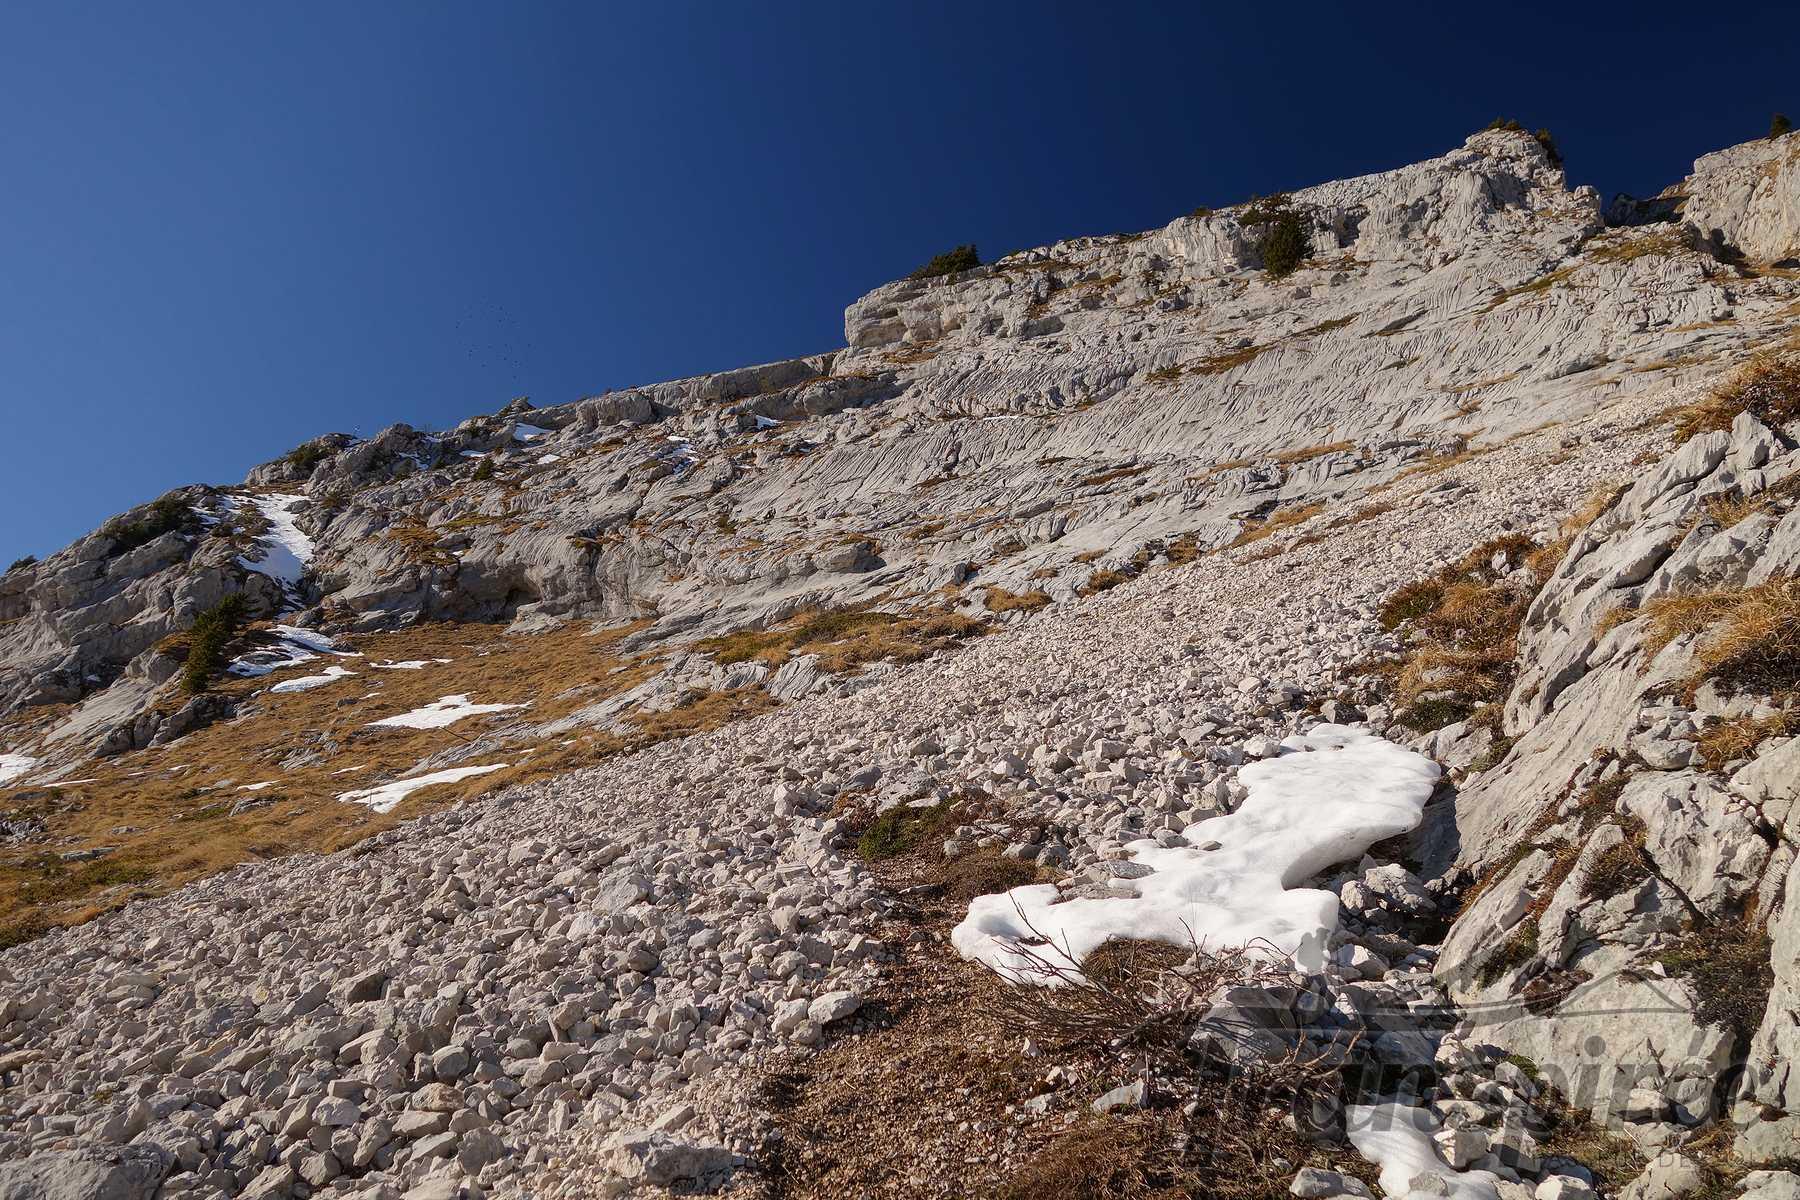 Randonnée à la Croix de l'Enclume puis Mont Lachat depuis Villards-sur-Thônes